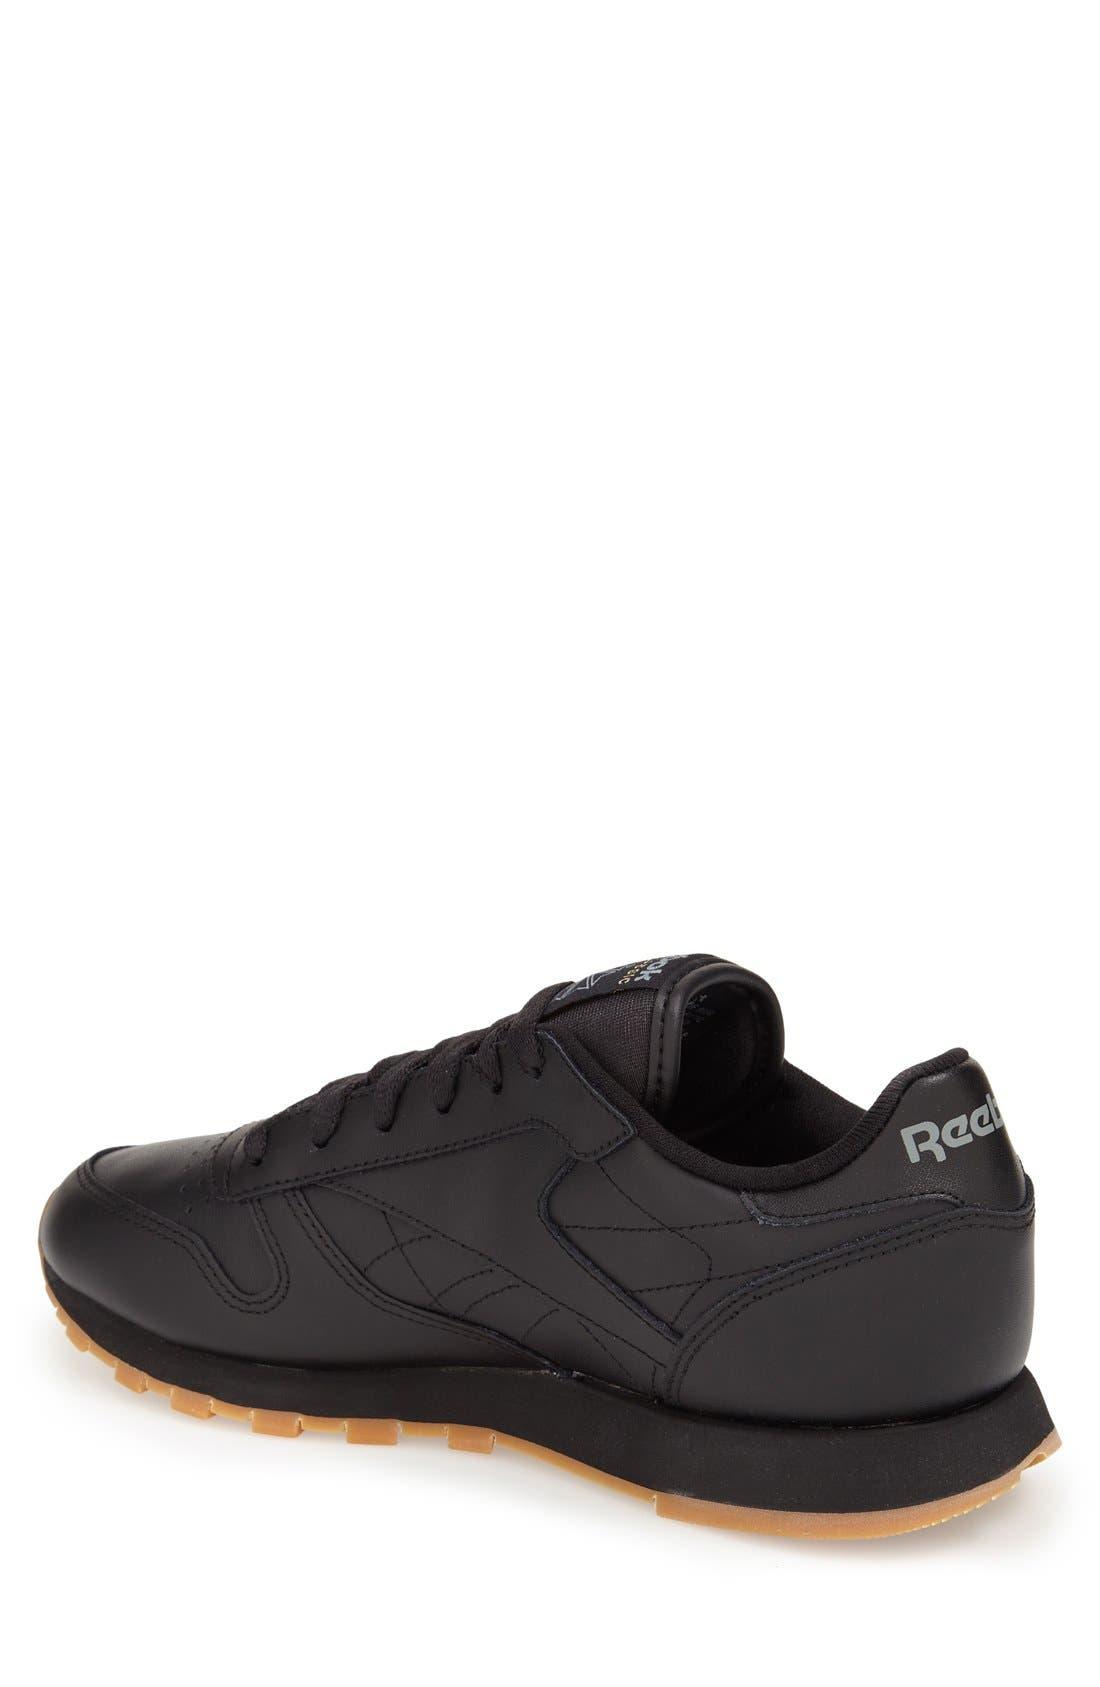 Alternate Image 2  - Reebok 'Classic' Sneaker (Women)